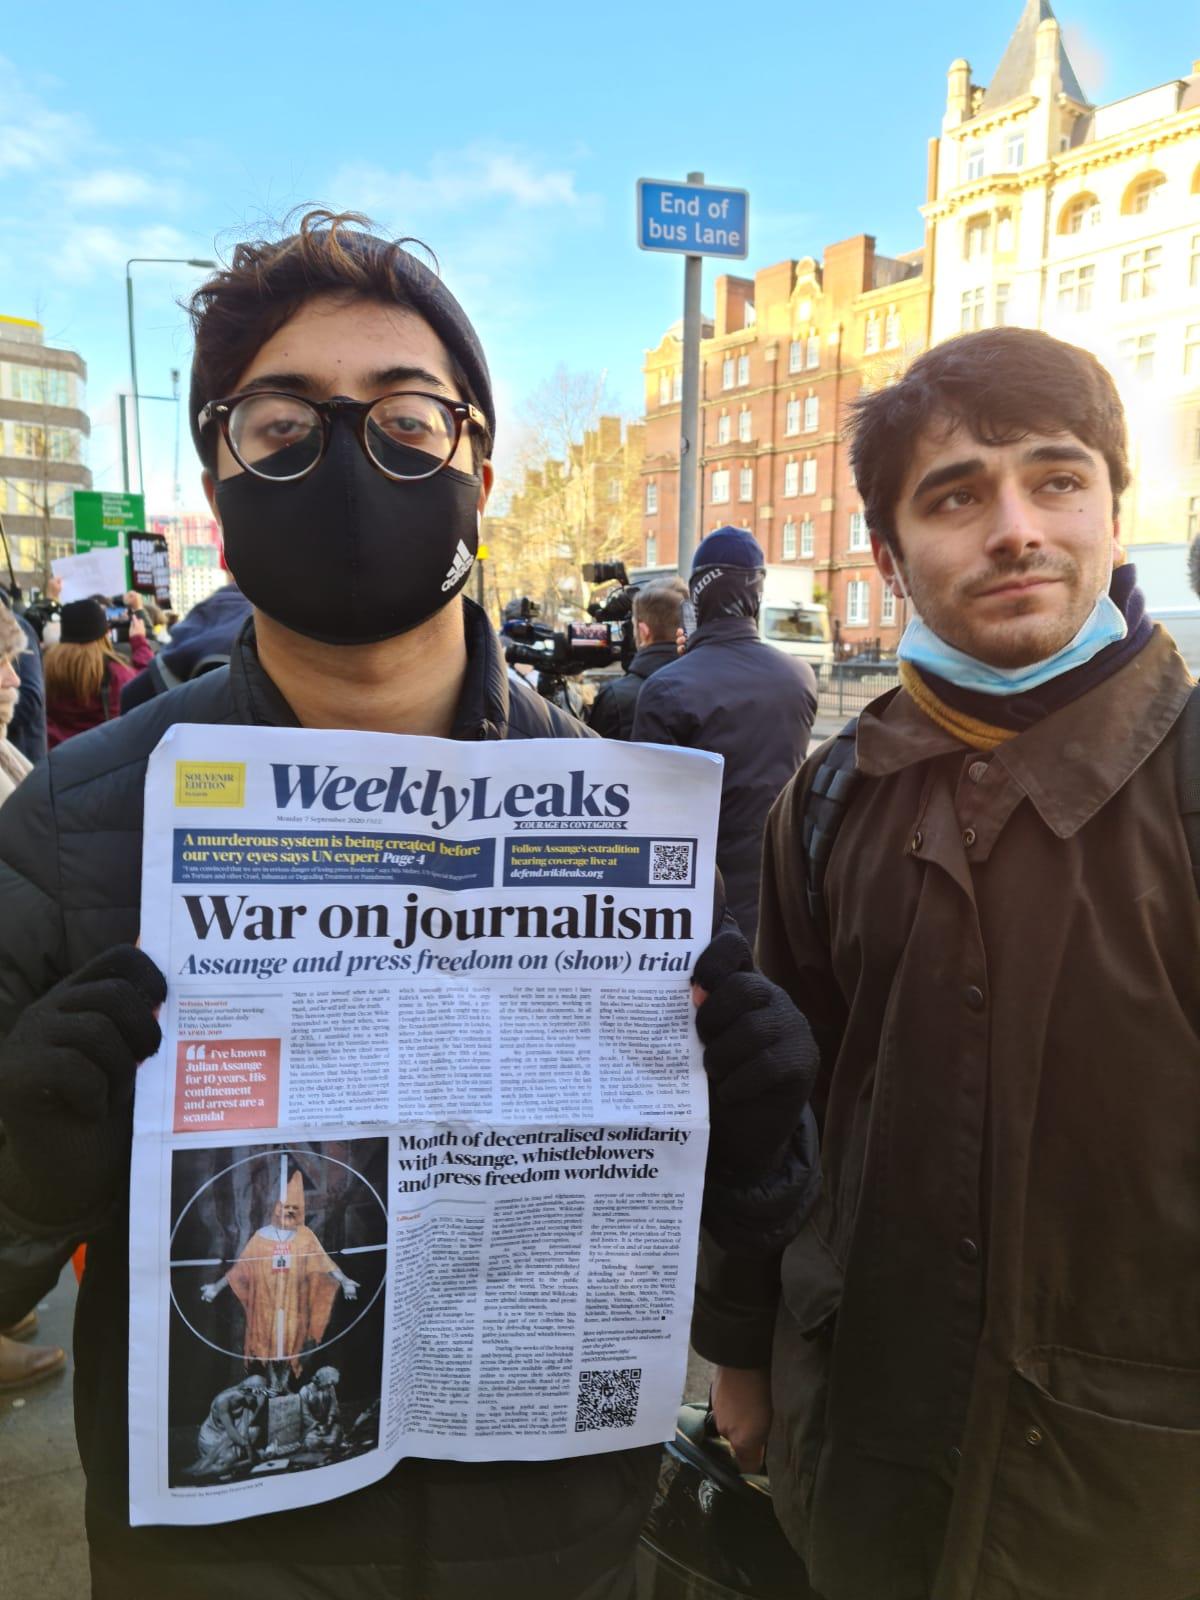 protest_photos:tjwleaks.jpg